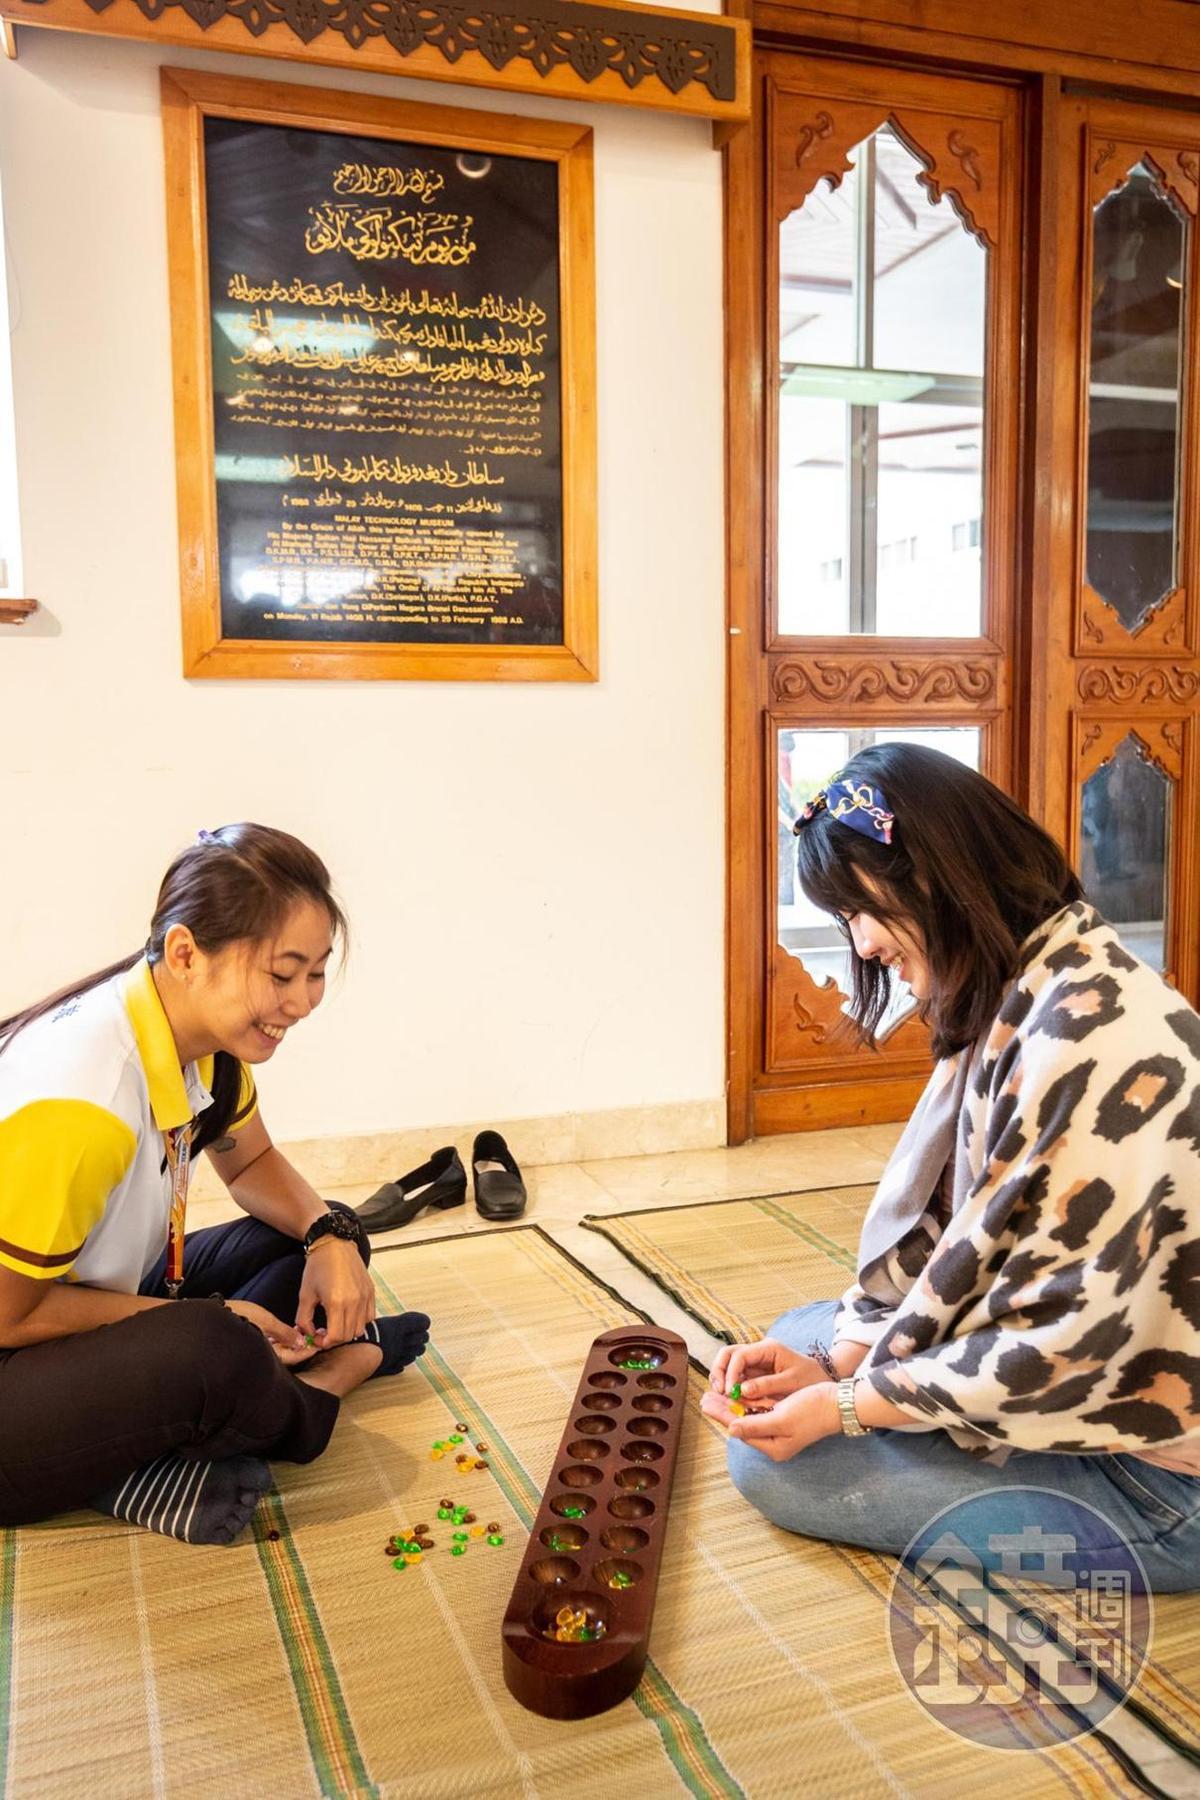 「Congkak」遊戲宛如馬來人的桌遊,考驗專注力與算術。